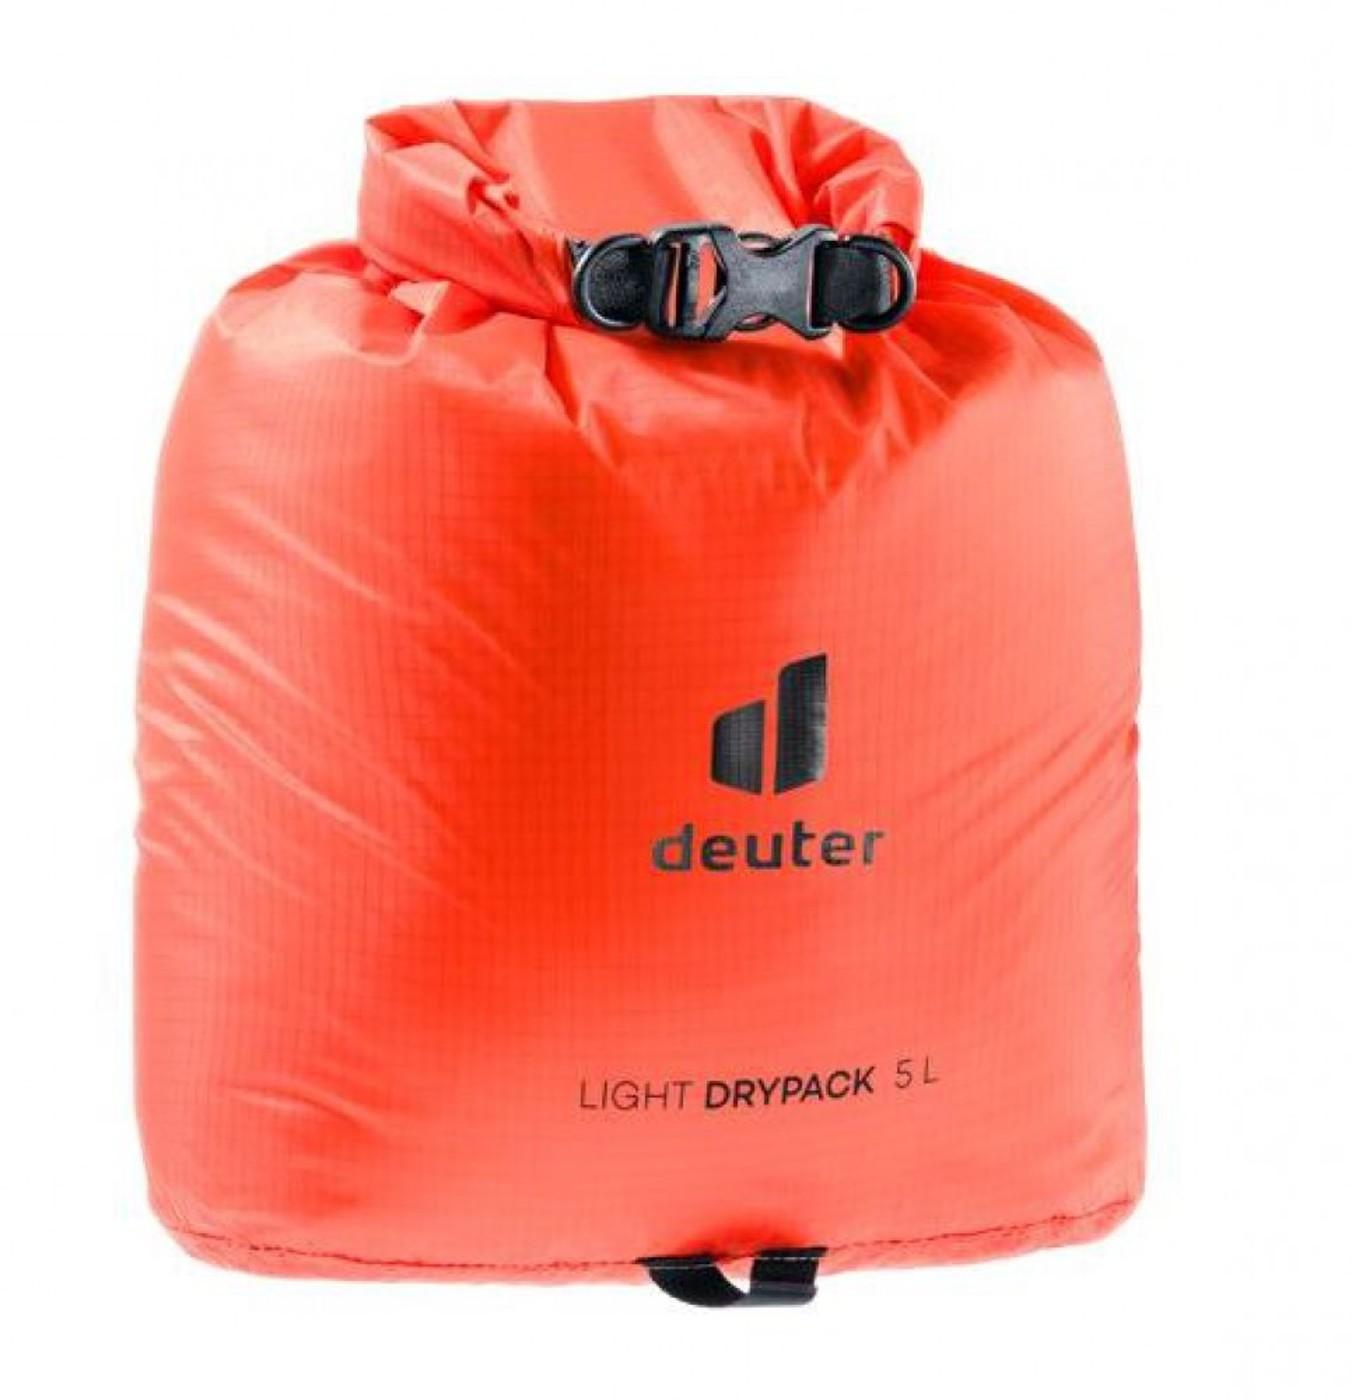 DEUTER Light Drypack 5